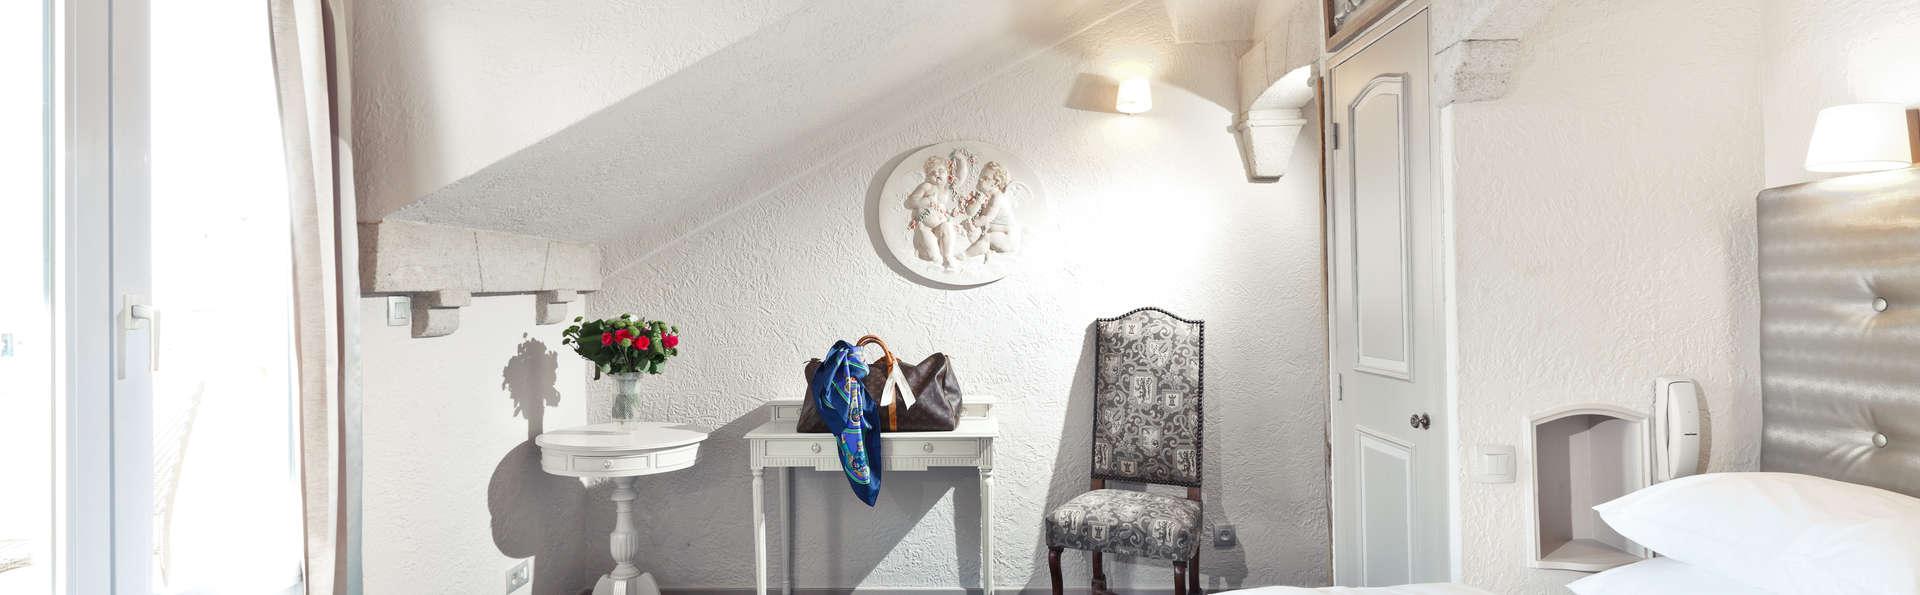 Week end romantique cannes avec surclassement de la chambre partir de 156 - Chambre romantique paca ...